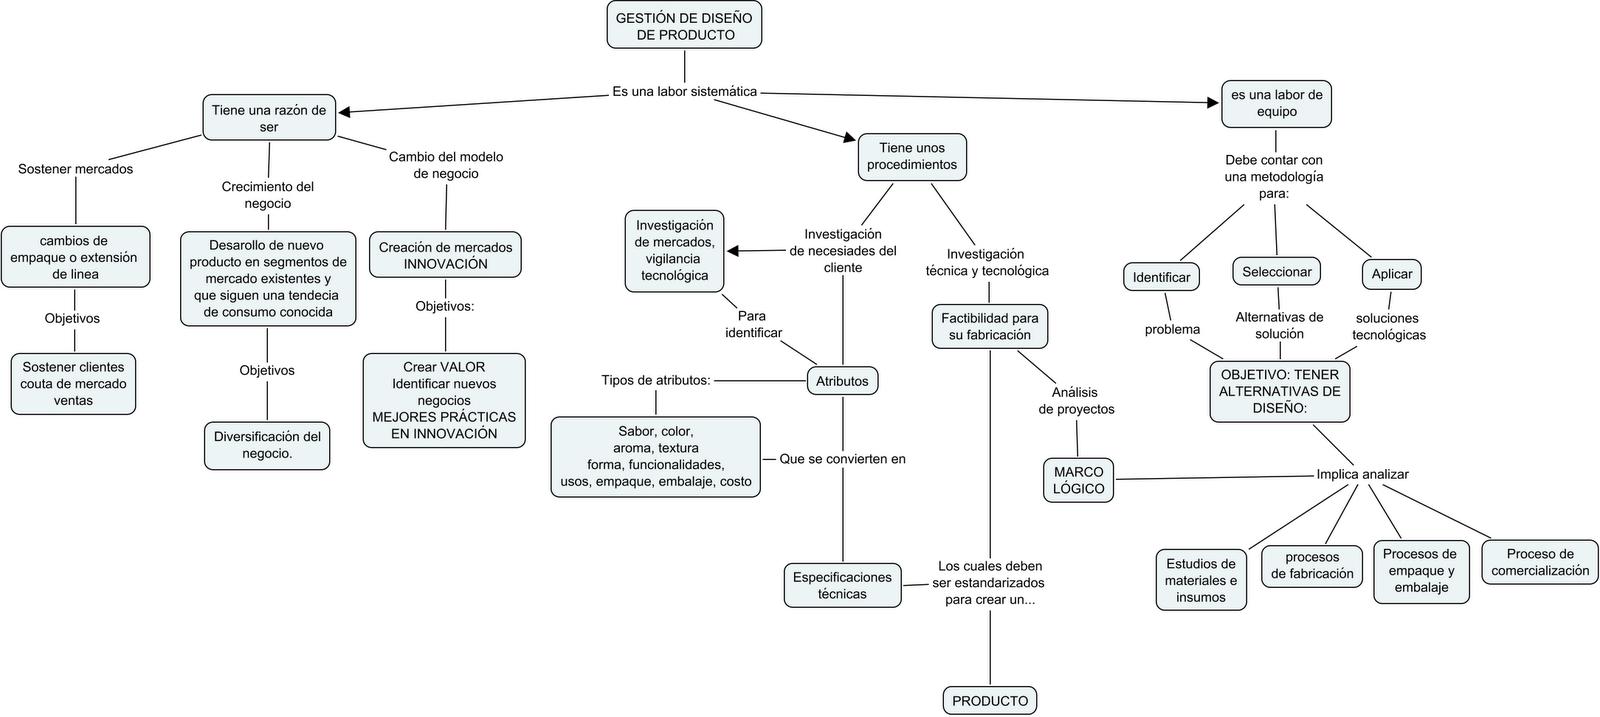 Requisitos previos para una adecuada gestión de diseño de nuevos